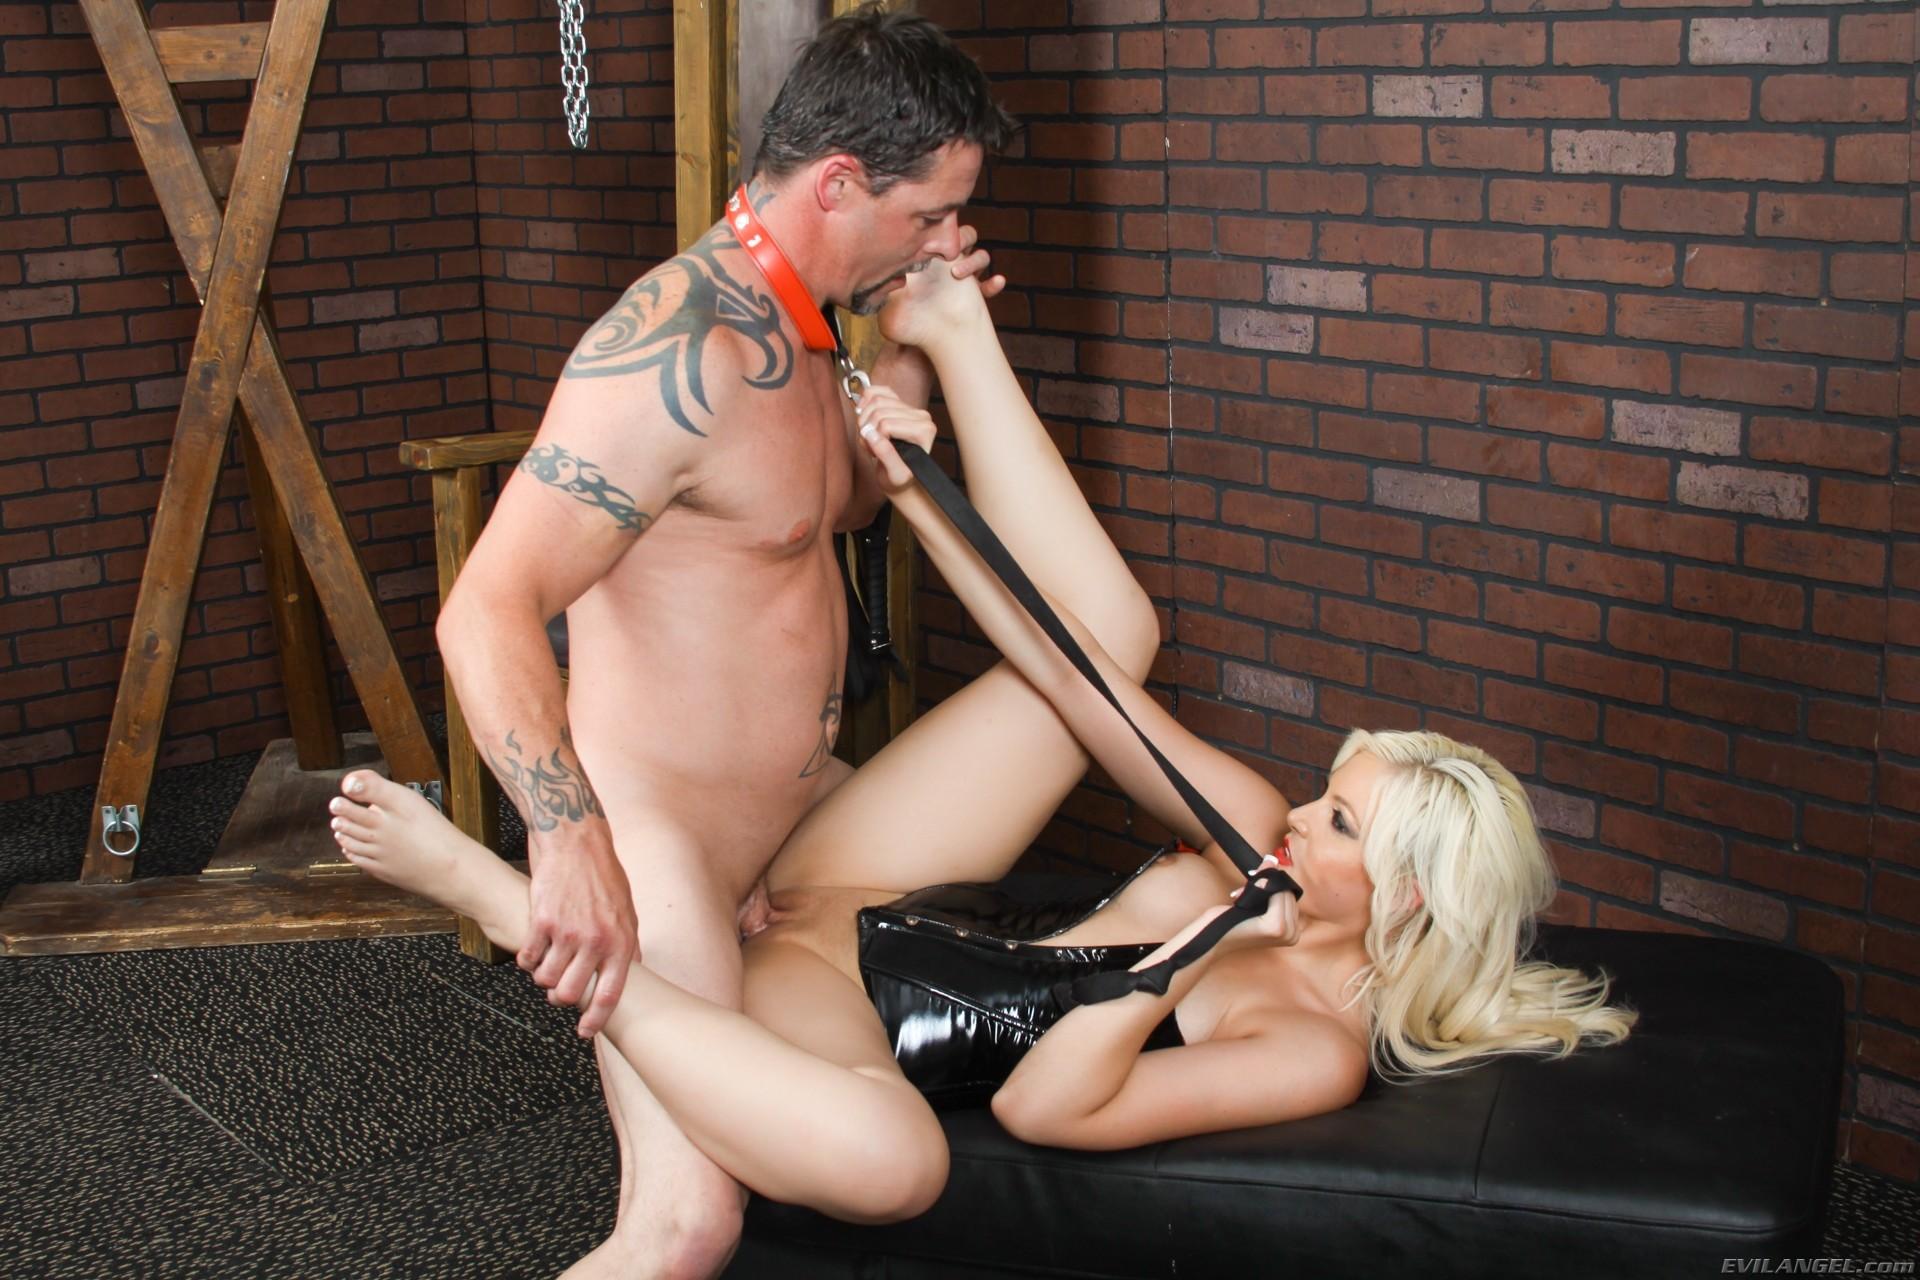 Порно белая глен кинг порно смотреть онлайн трах машине видео